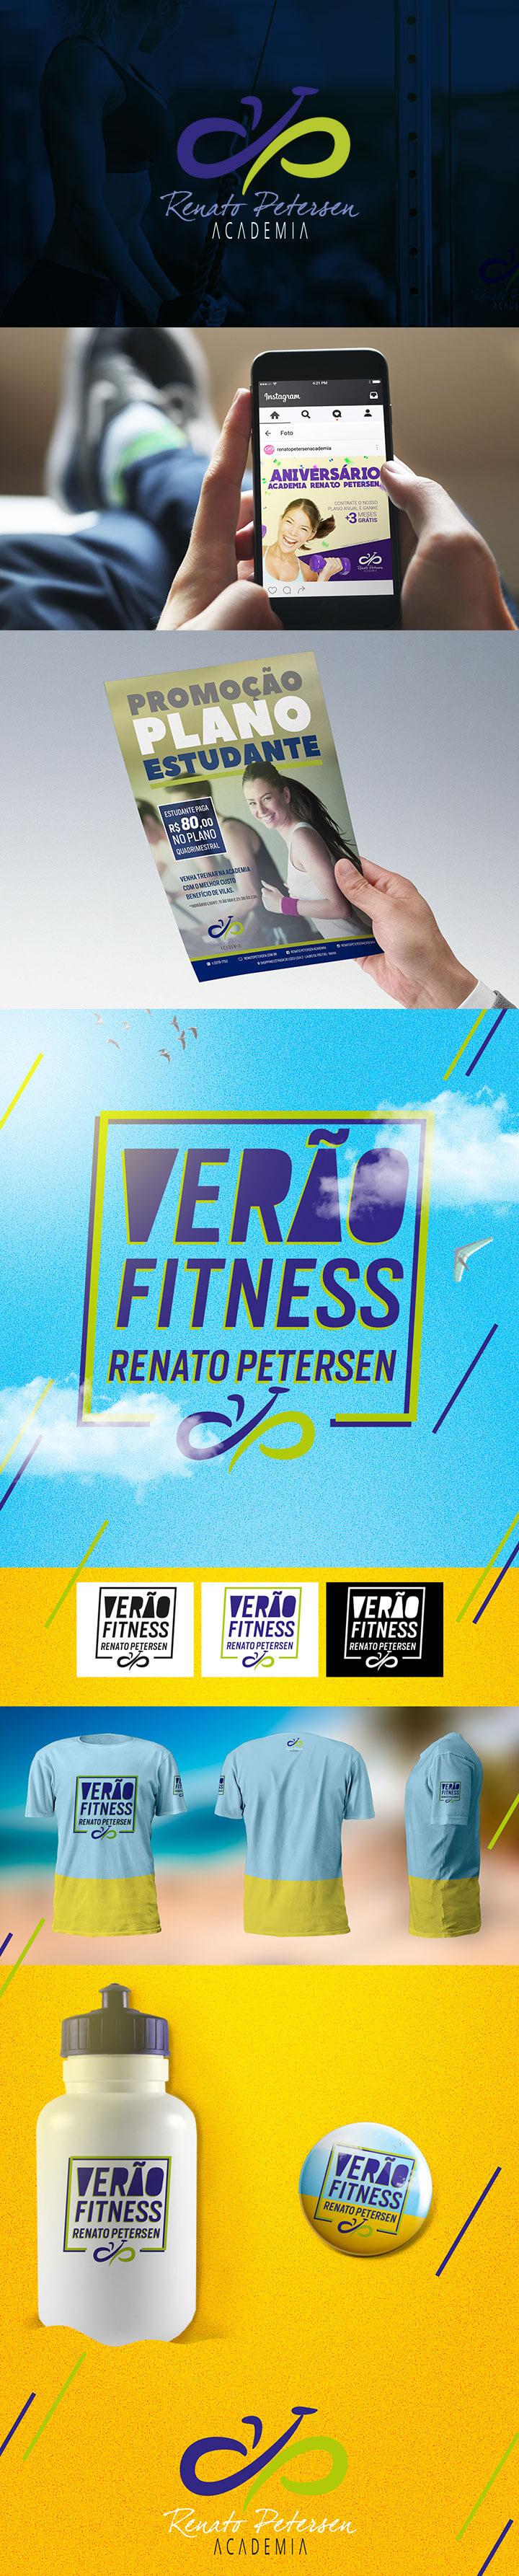 Case - Renato Petersen